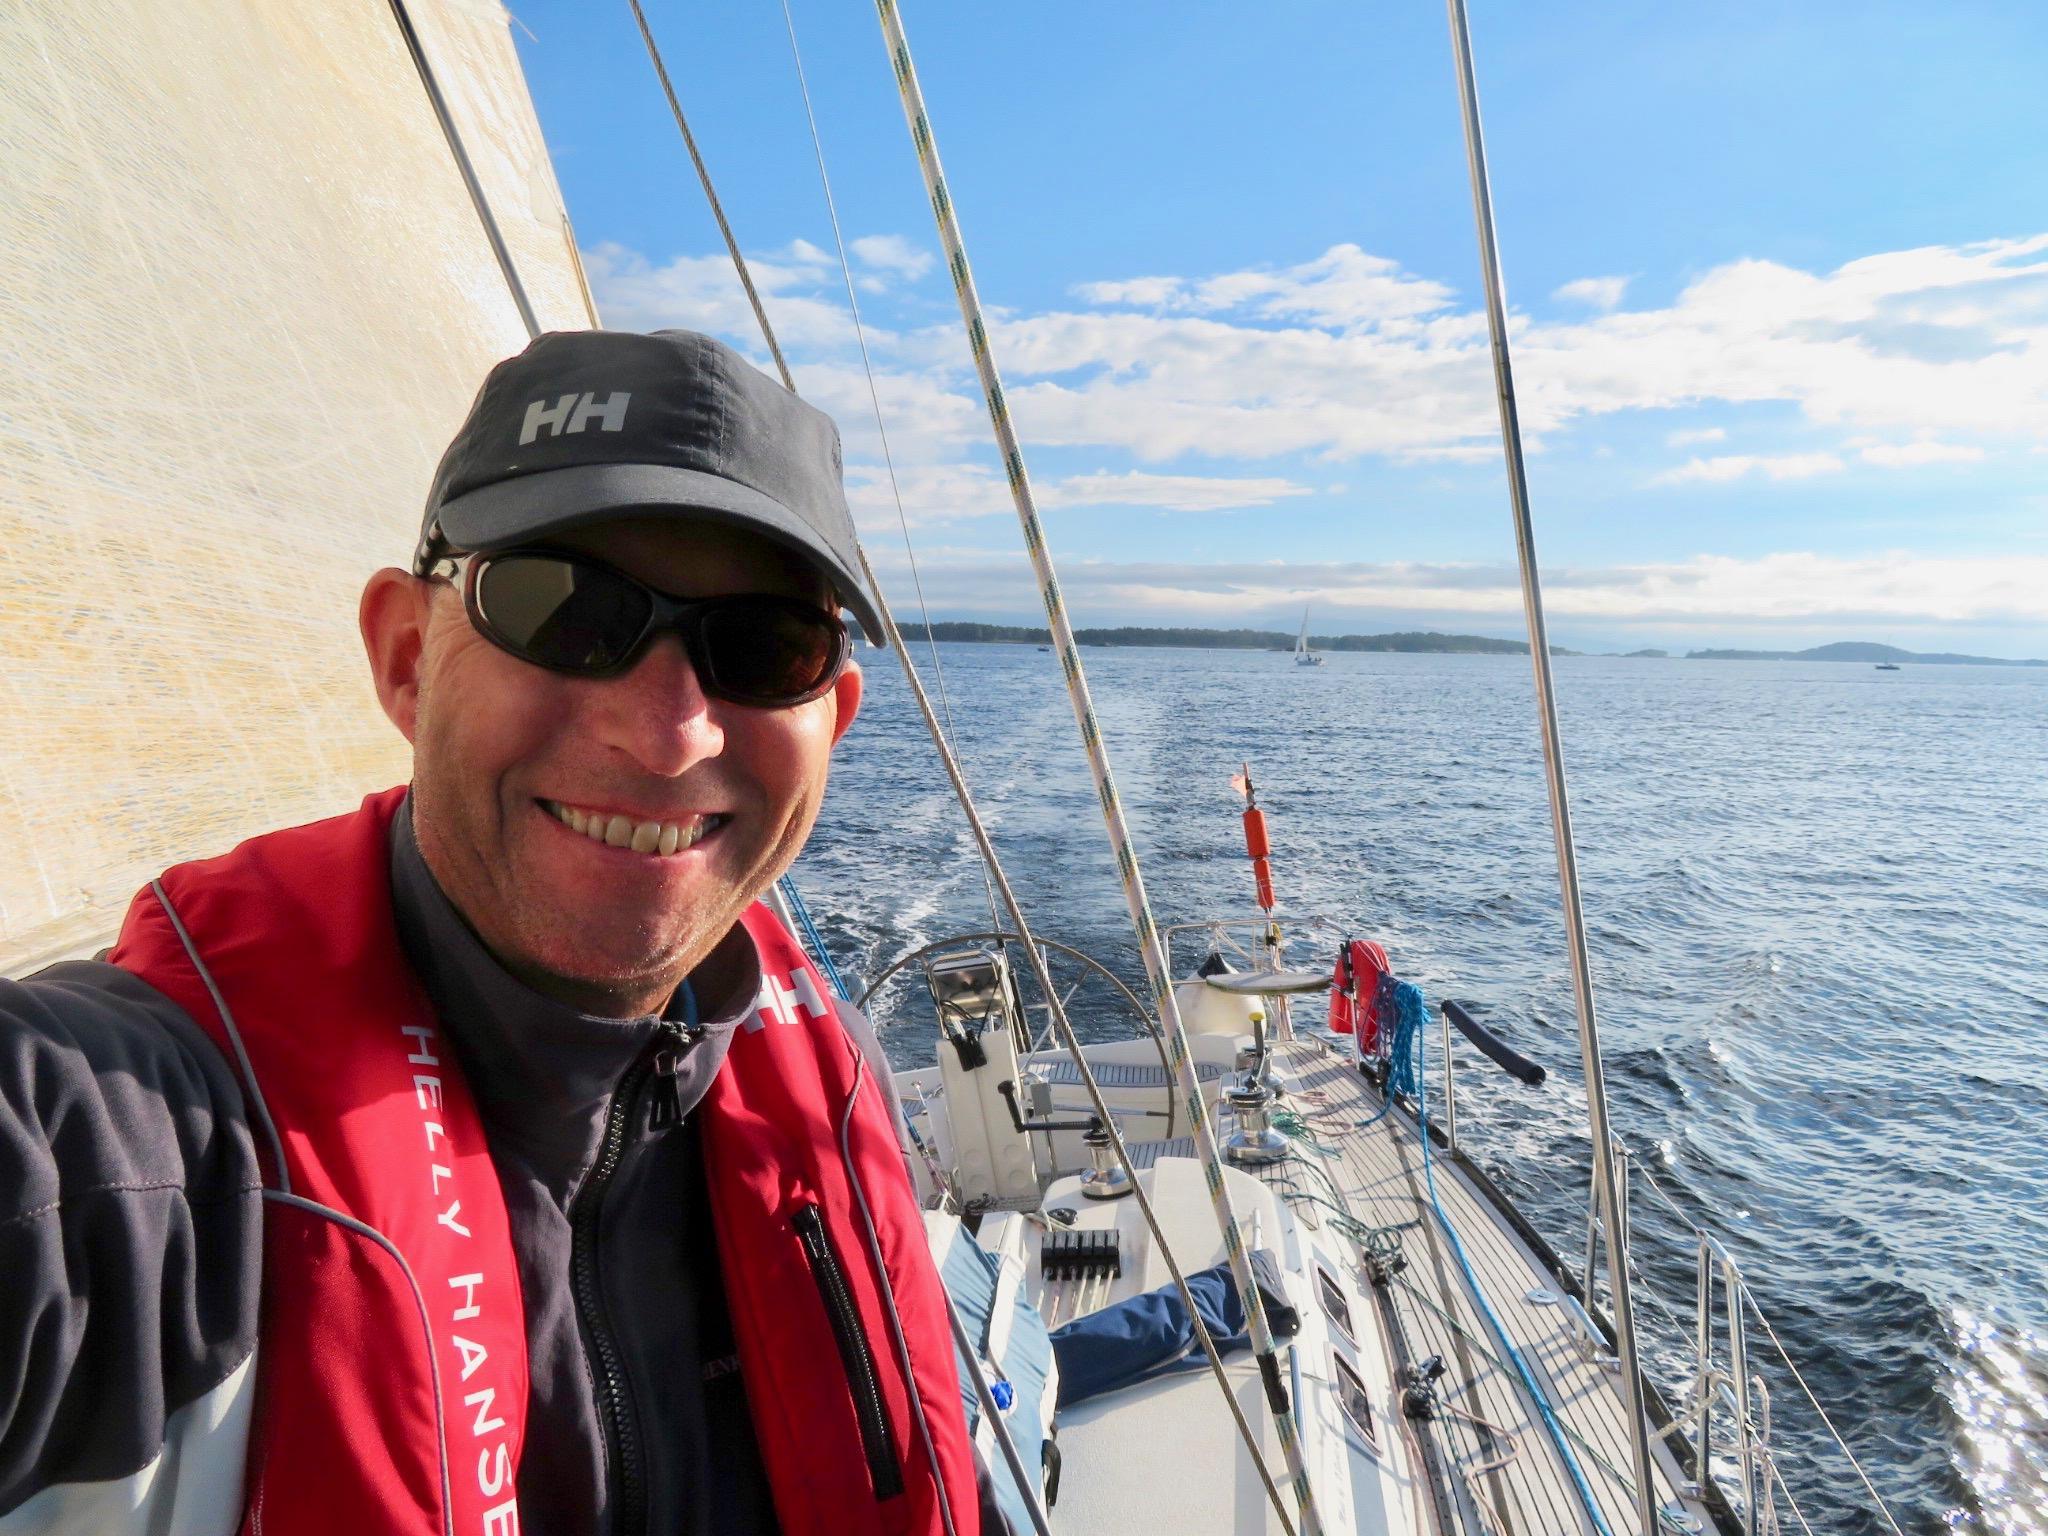 Er du et godt forbilde? Gjør det til en vane å bruke redningsvest når du er på sjøen.